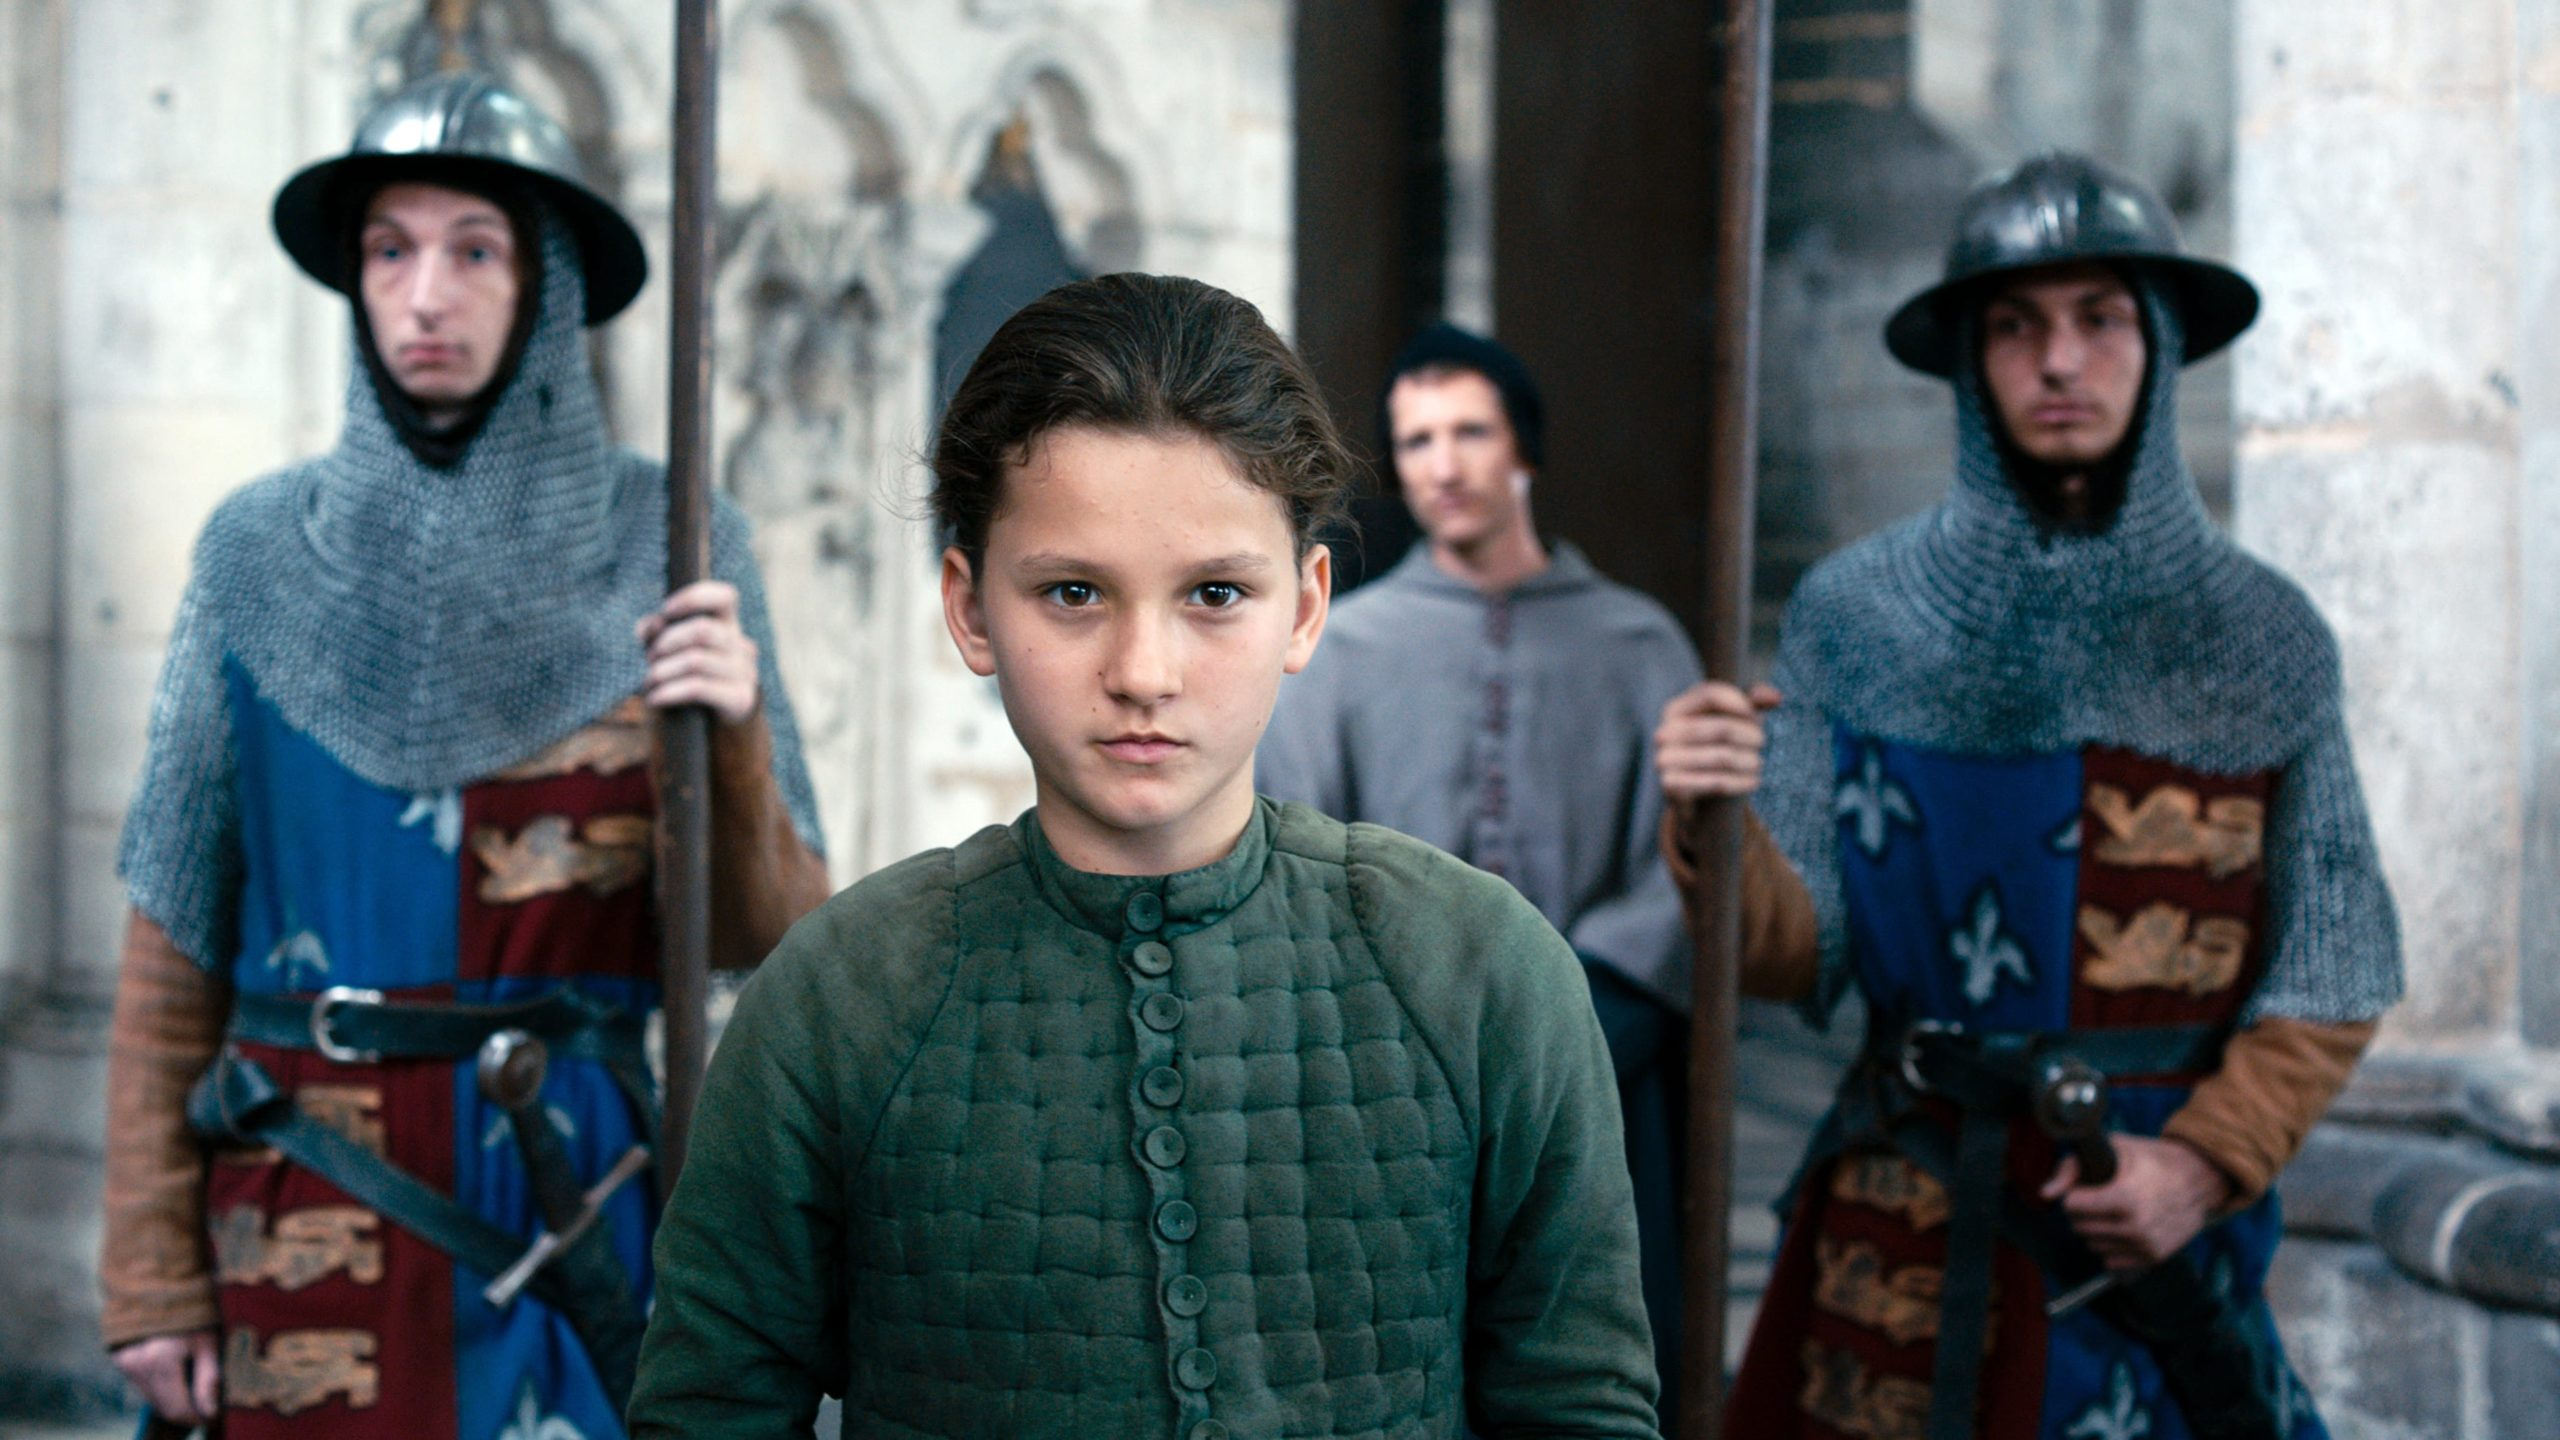 Joan of Arc backdrop